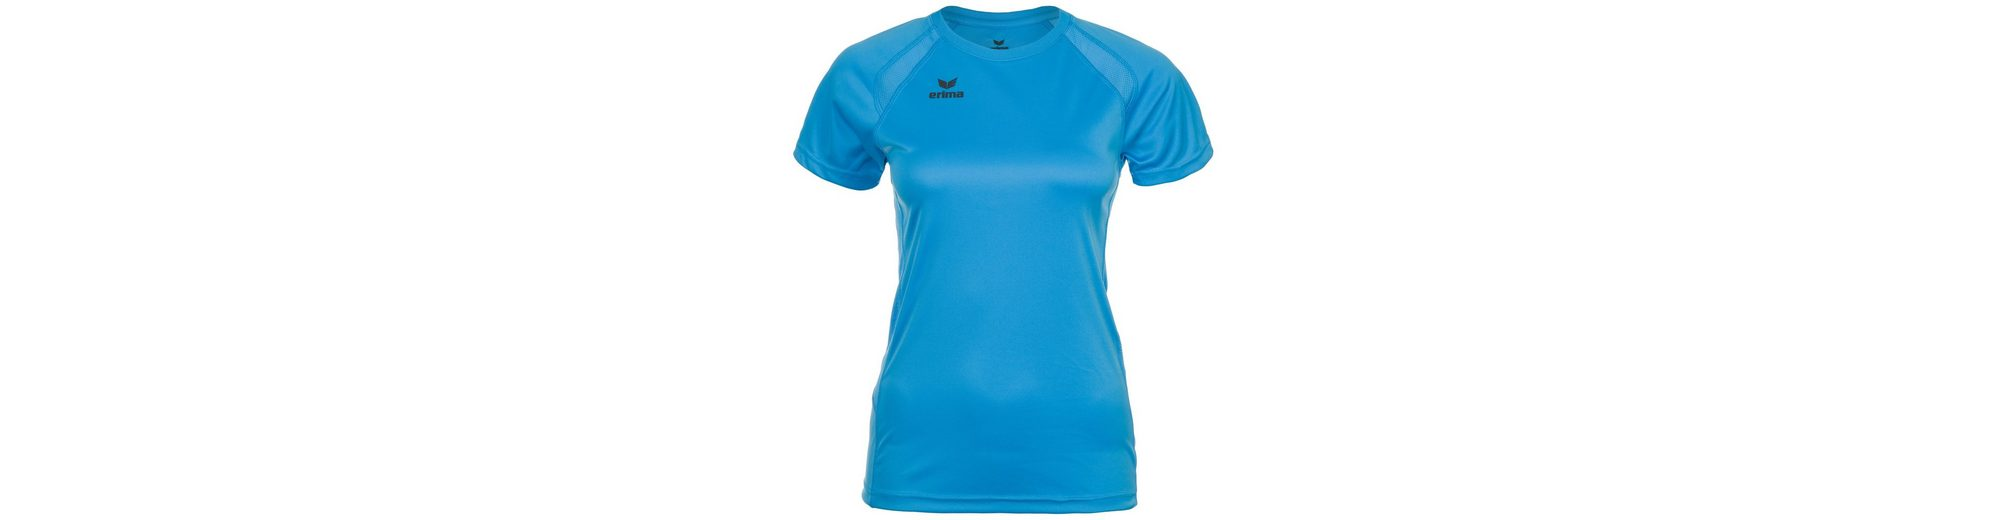 Freies Verschiffen Niedrig Kosten ERIMA Performance T-Shirt Damen Original Online Günstig Kaufen Großen Verkauf MiD9CPz